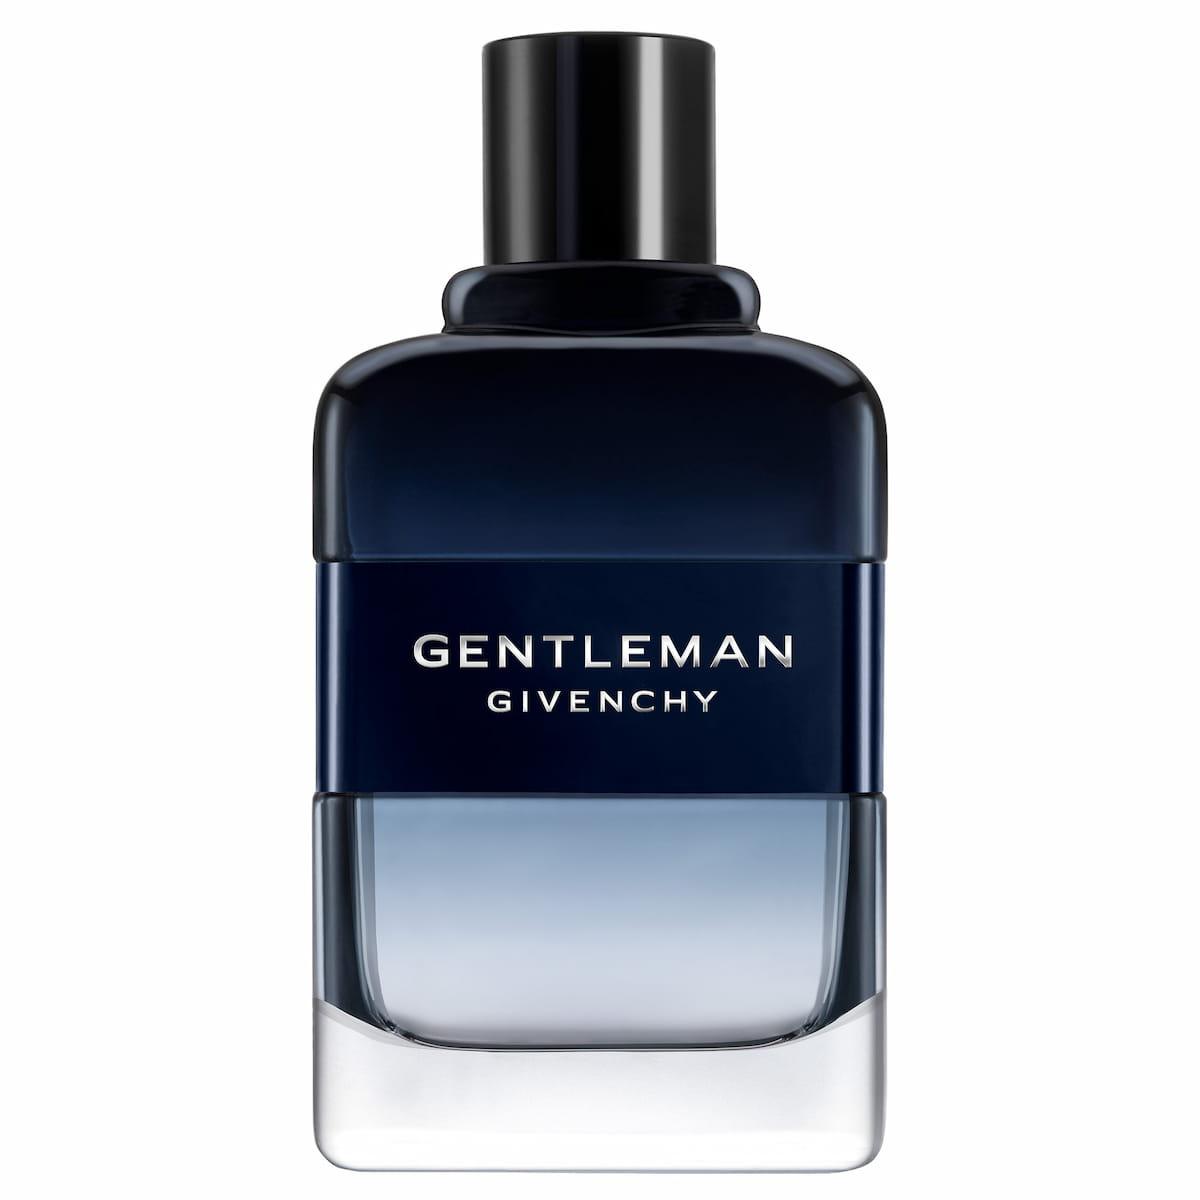 Givenchy Gentleman Eau de Toilette Intense